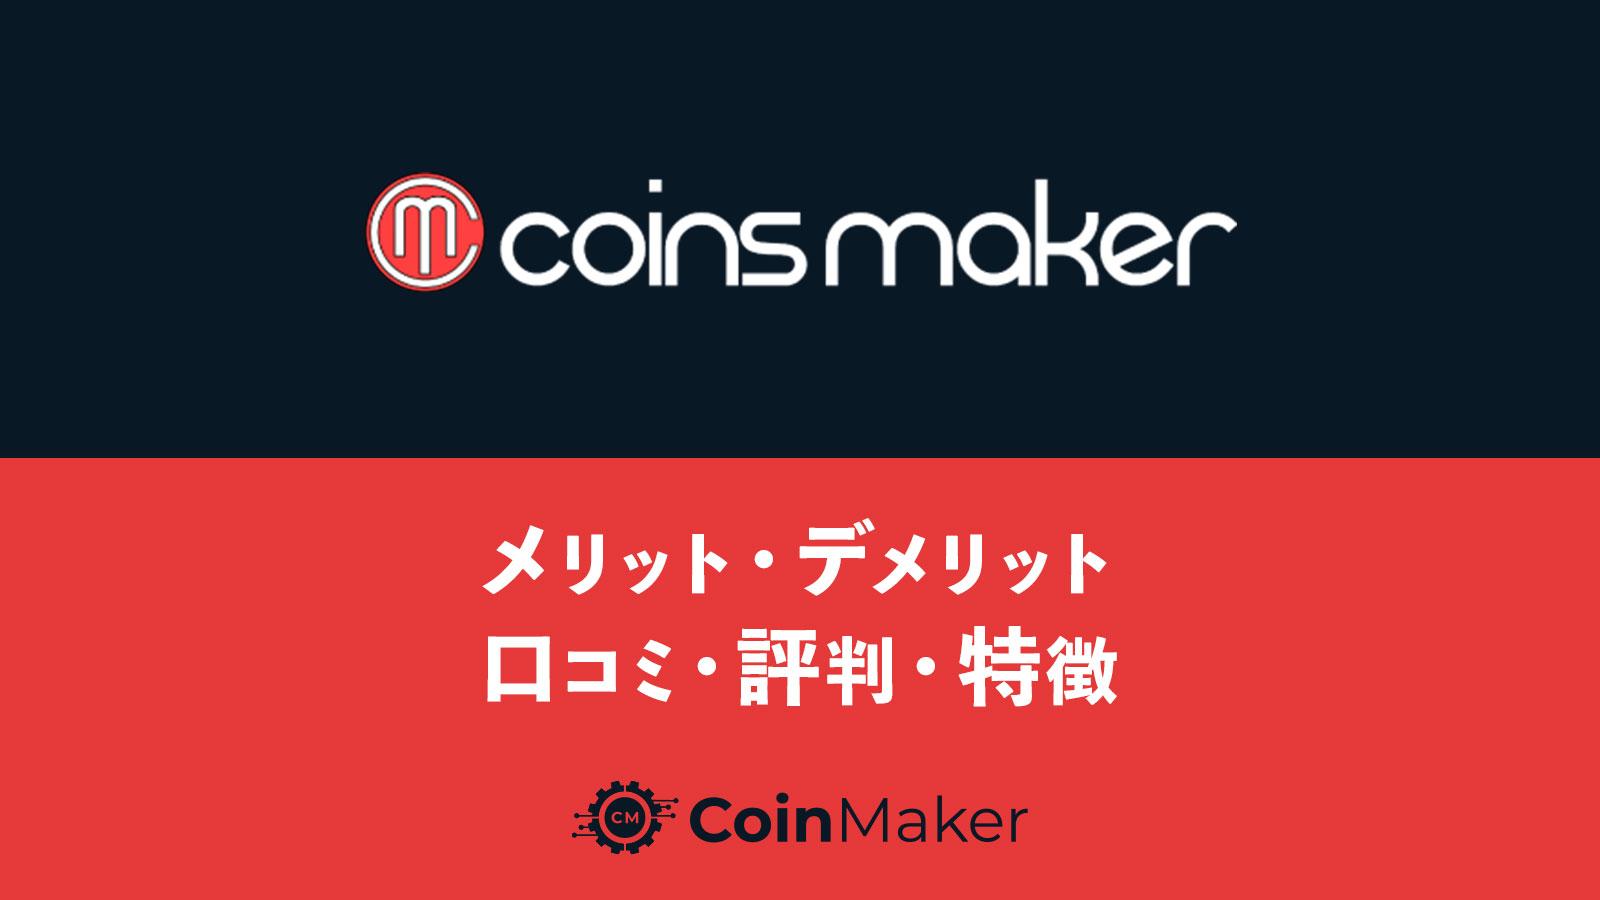 coinsmaker(コインズメーカー)特徴・評判をわかりやすく解説